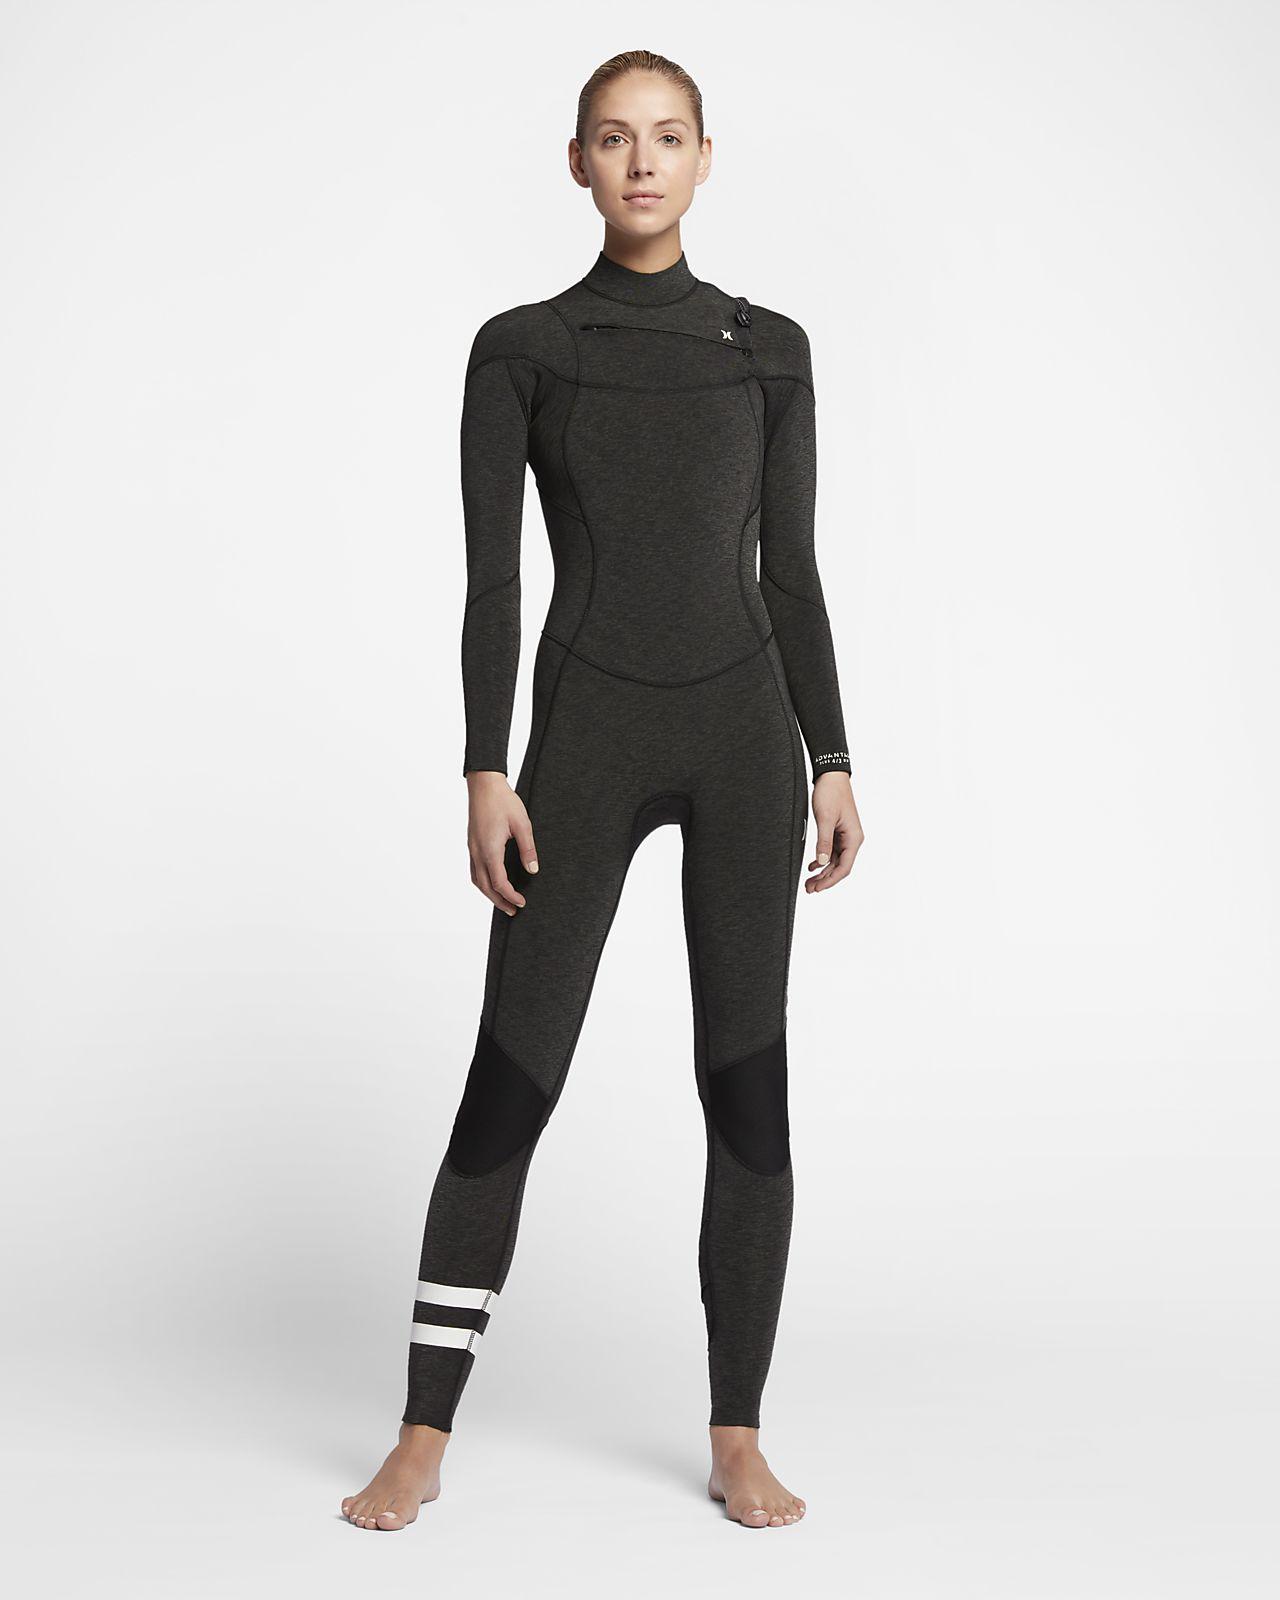 Hurley Advantage Plus 4/3mm Fullsuit – våddragt til kvinder